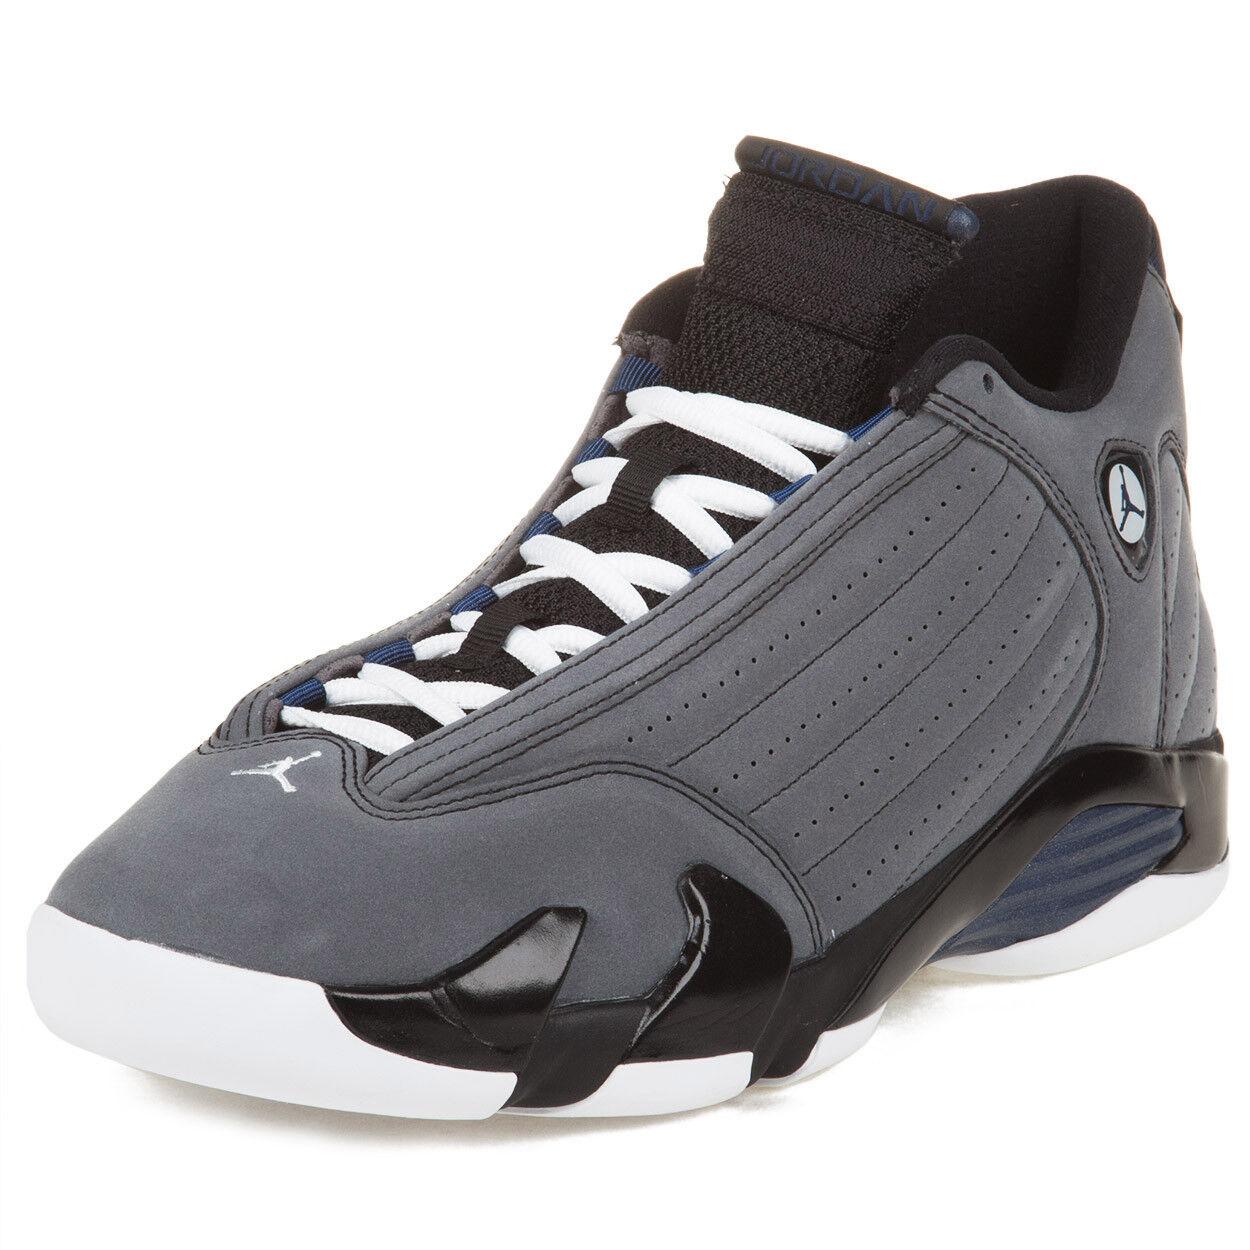 Nike Uomo Air Jordan 14 Retro Light Graphite/Mid Navy 311832-011 Size 10